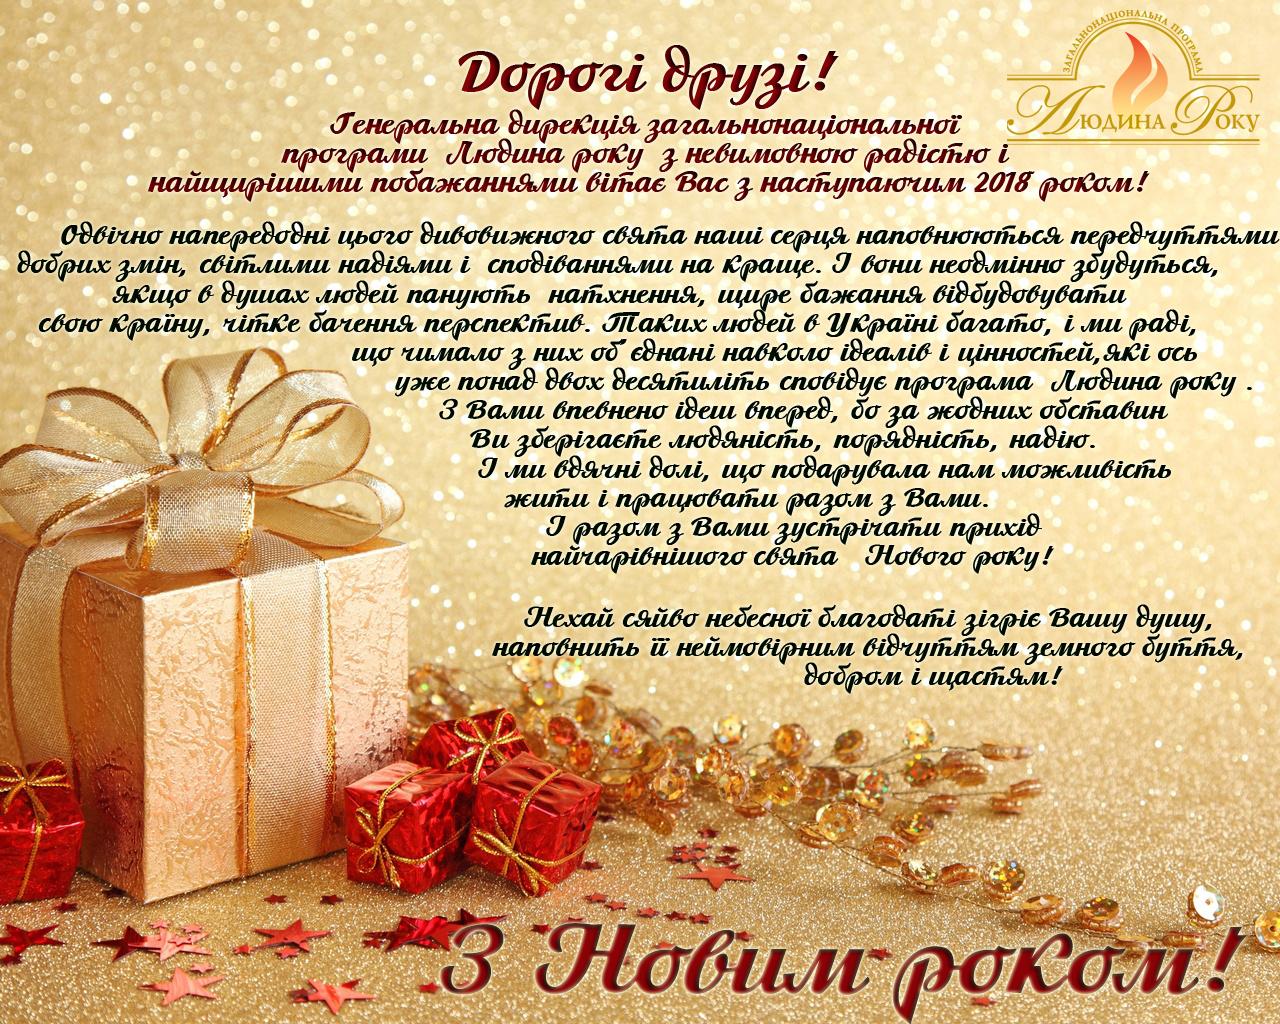 2fons.ru-409 копия